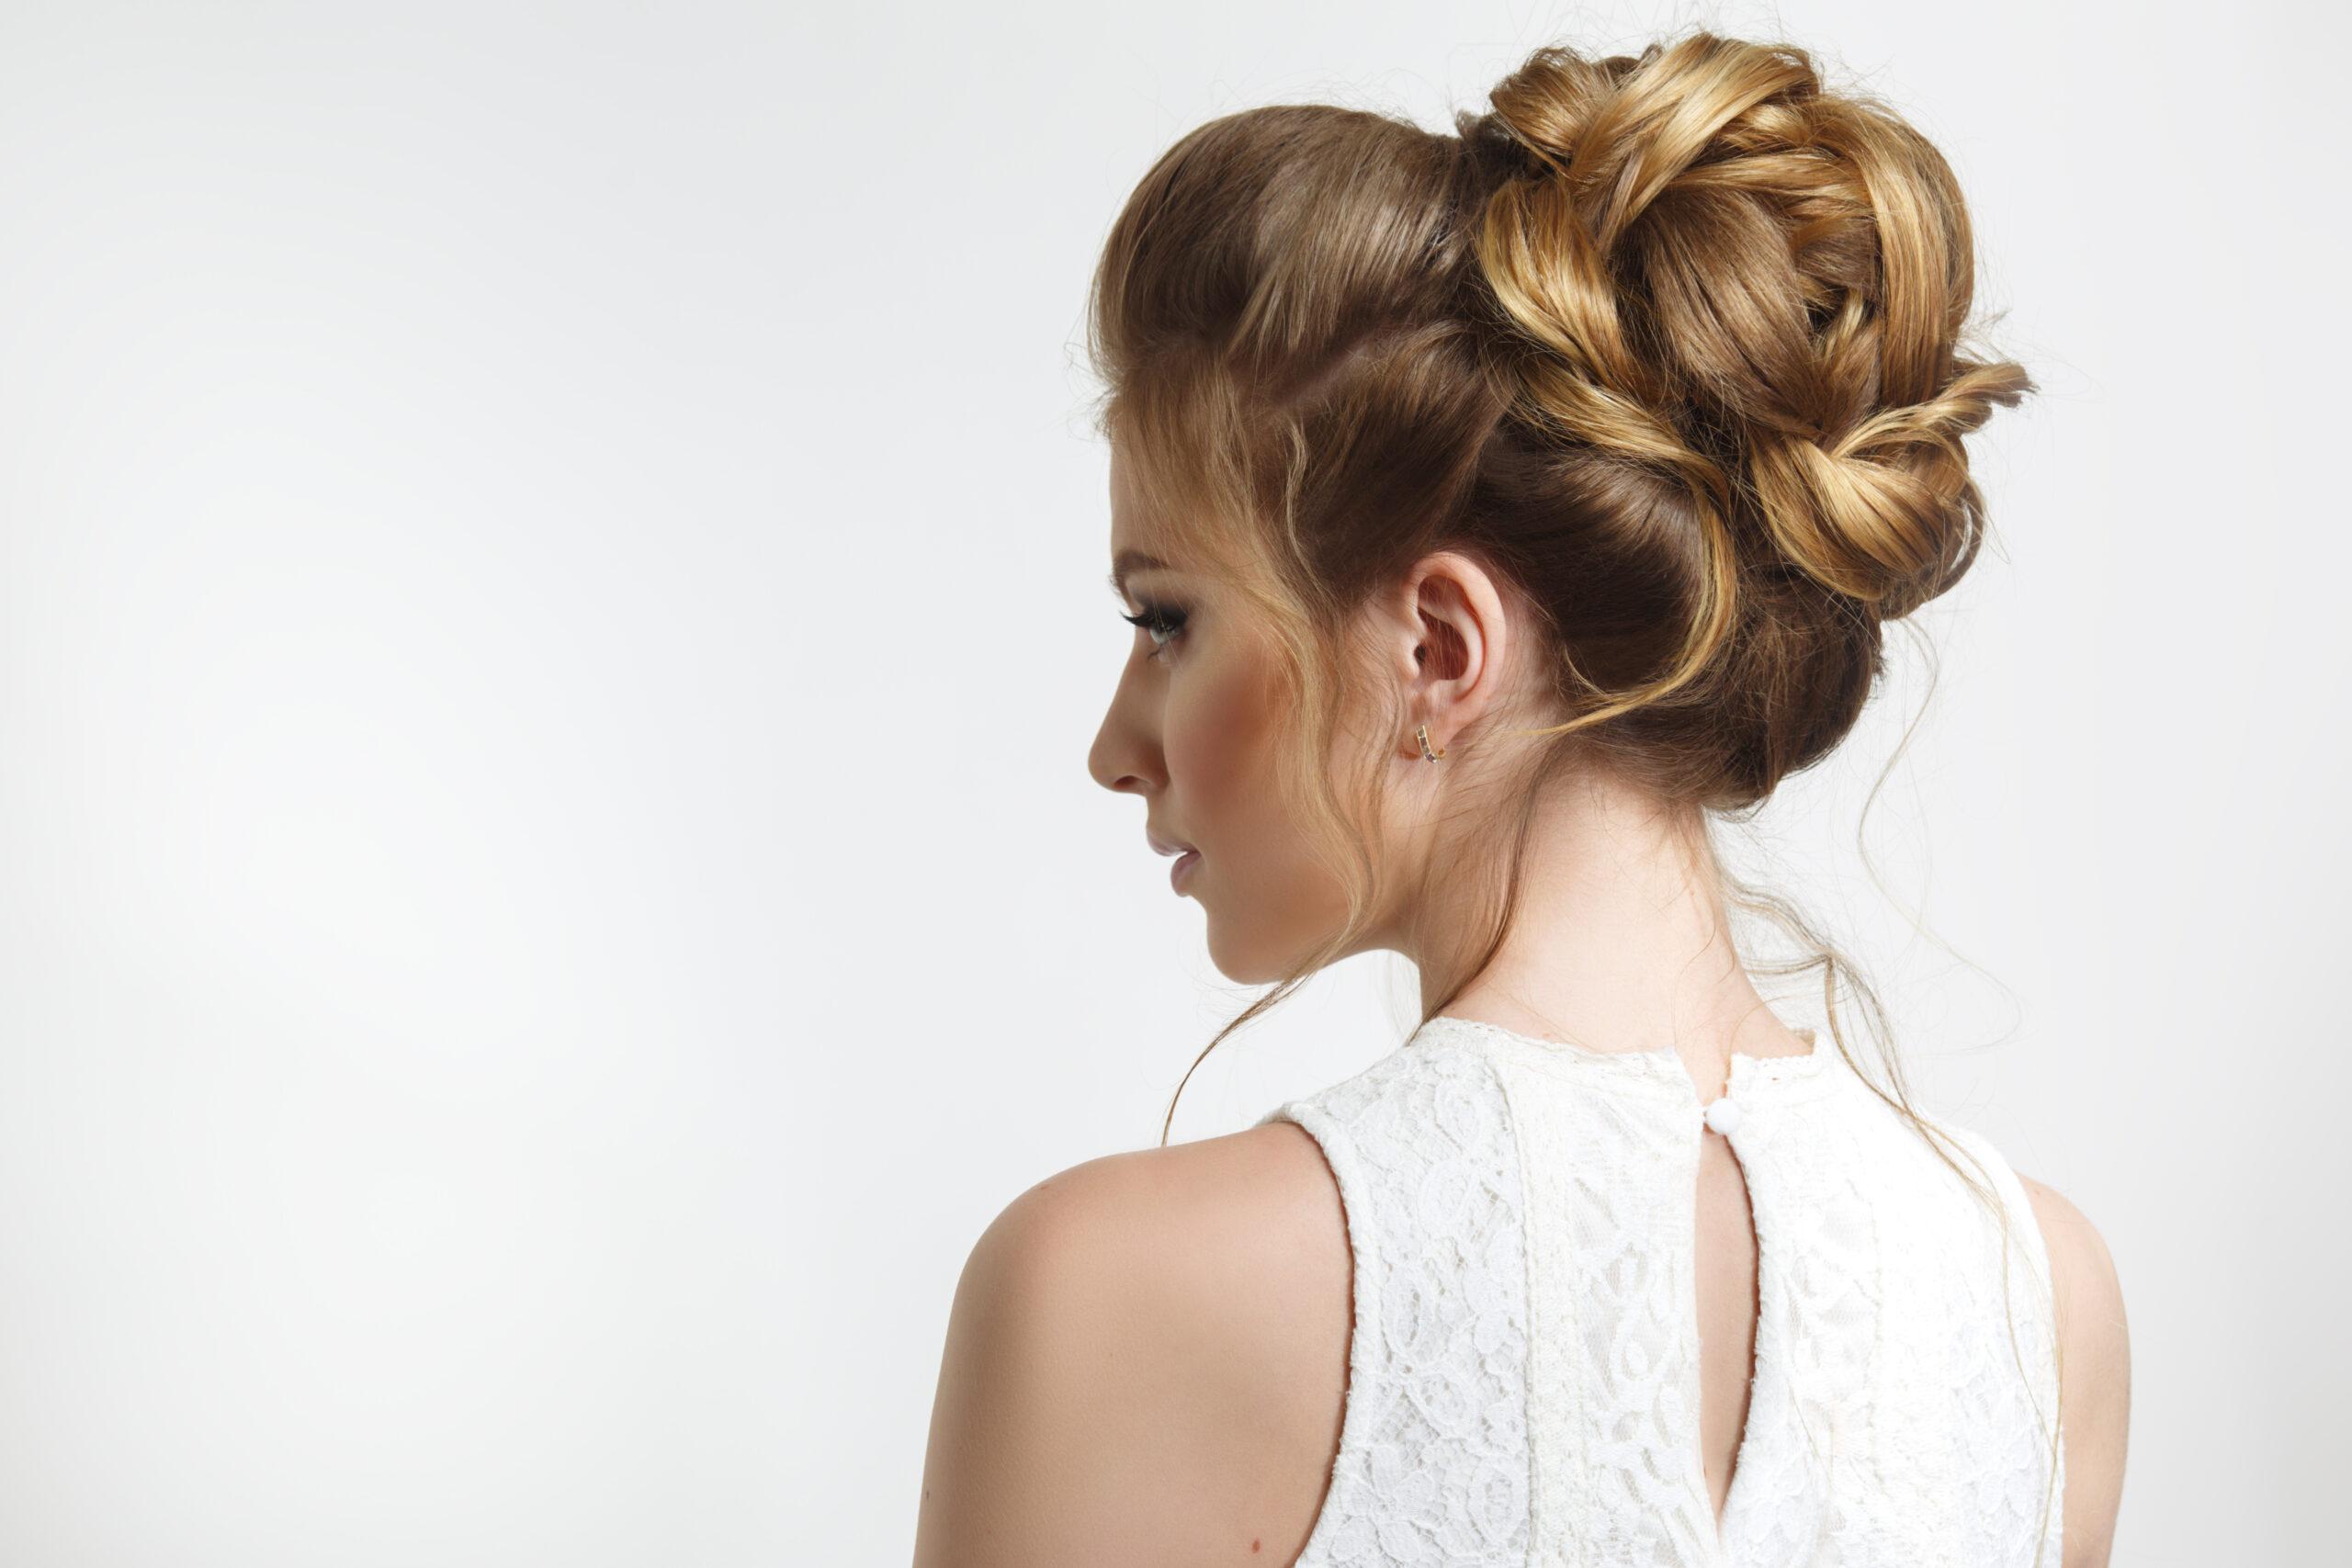 przykład eleganckiej fryzury na wesele